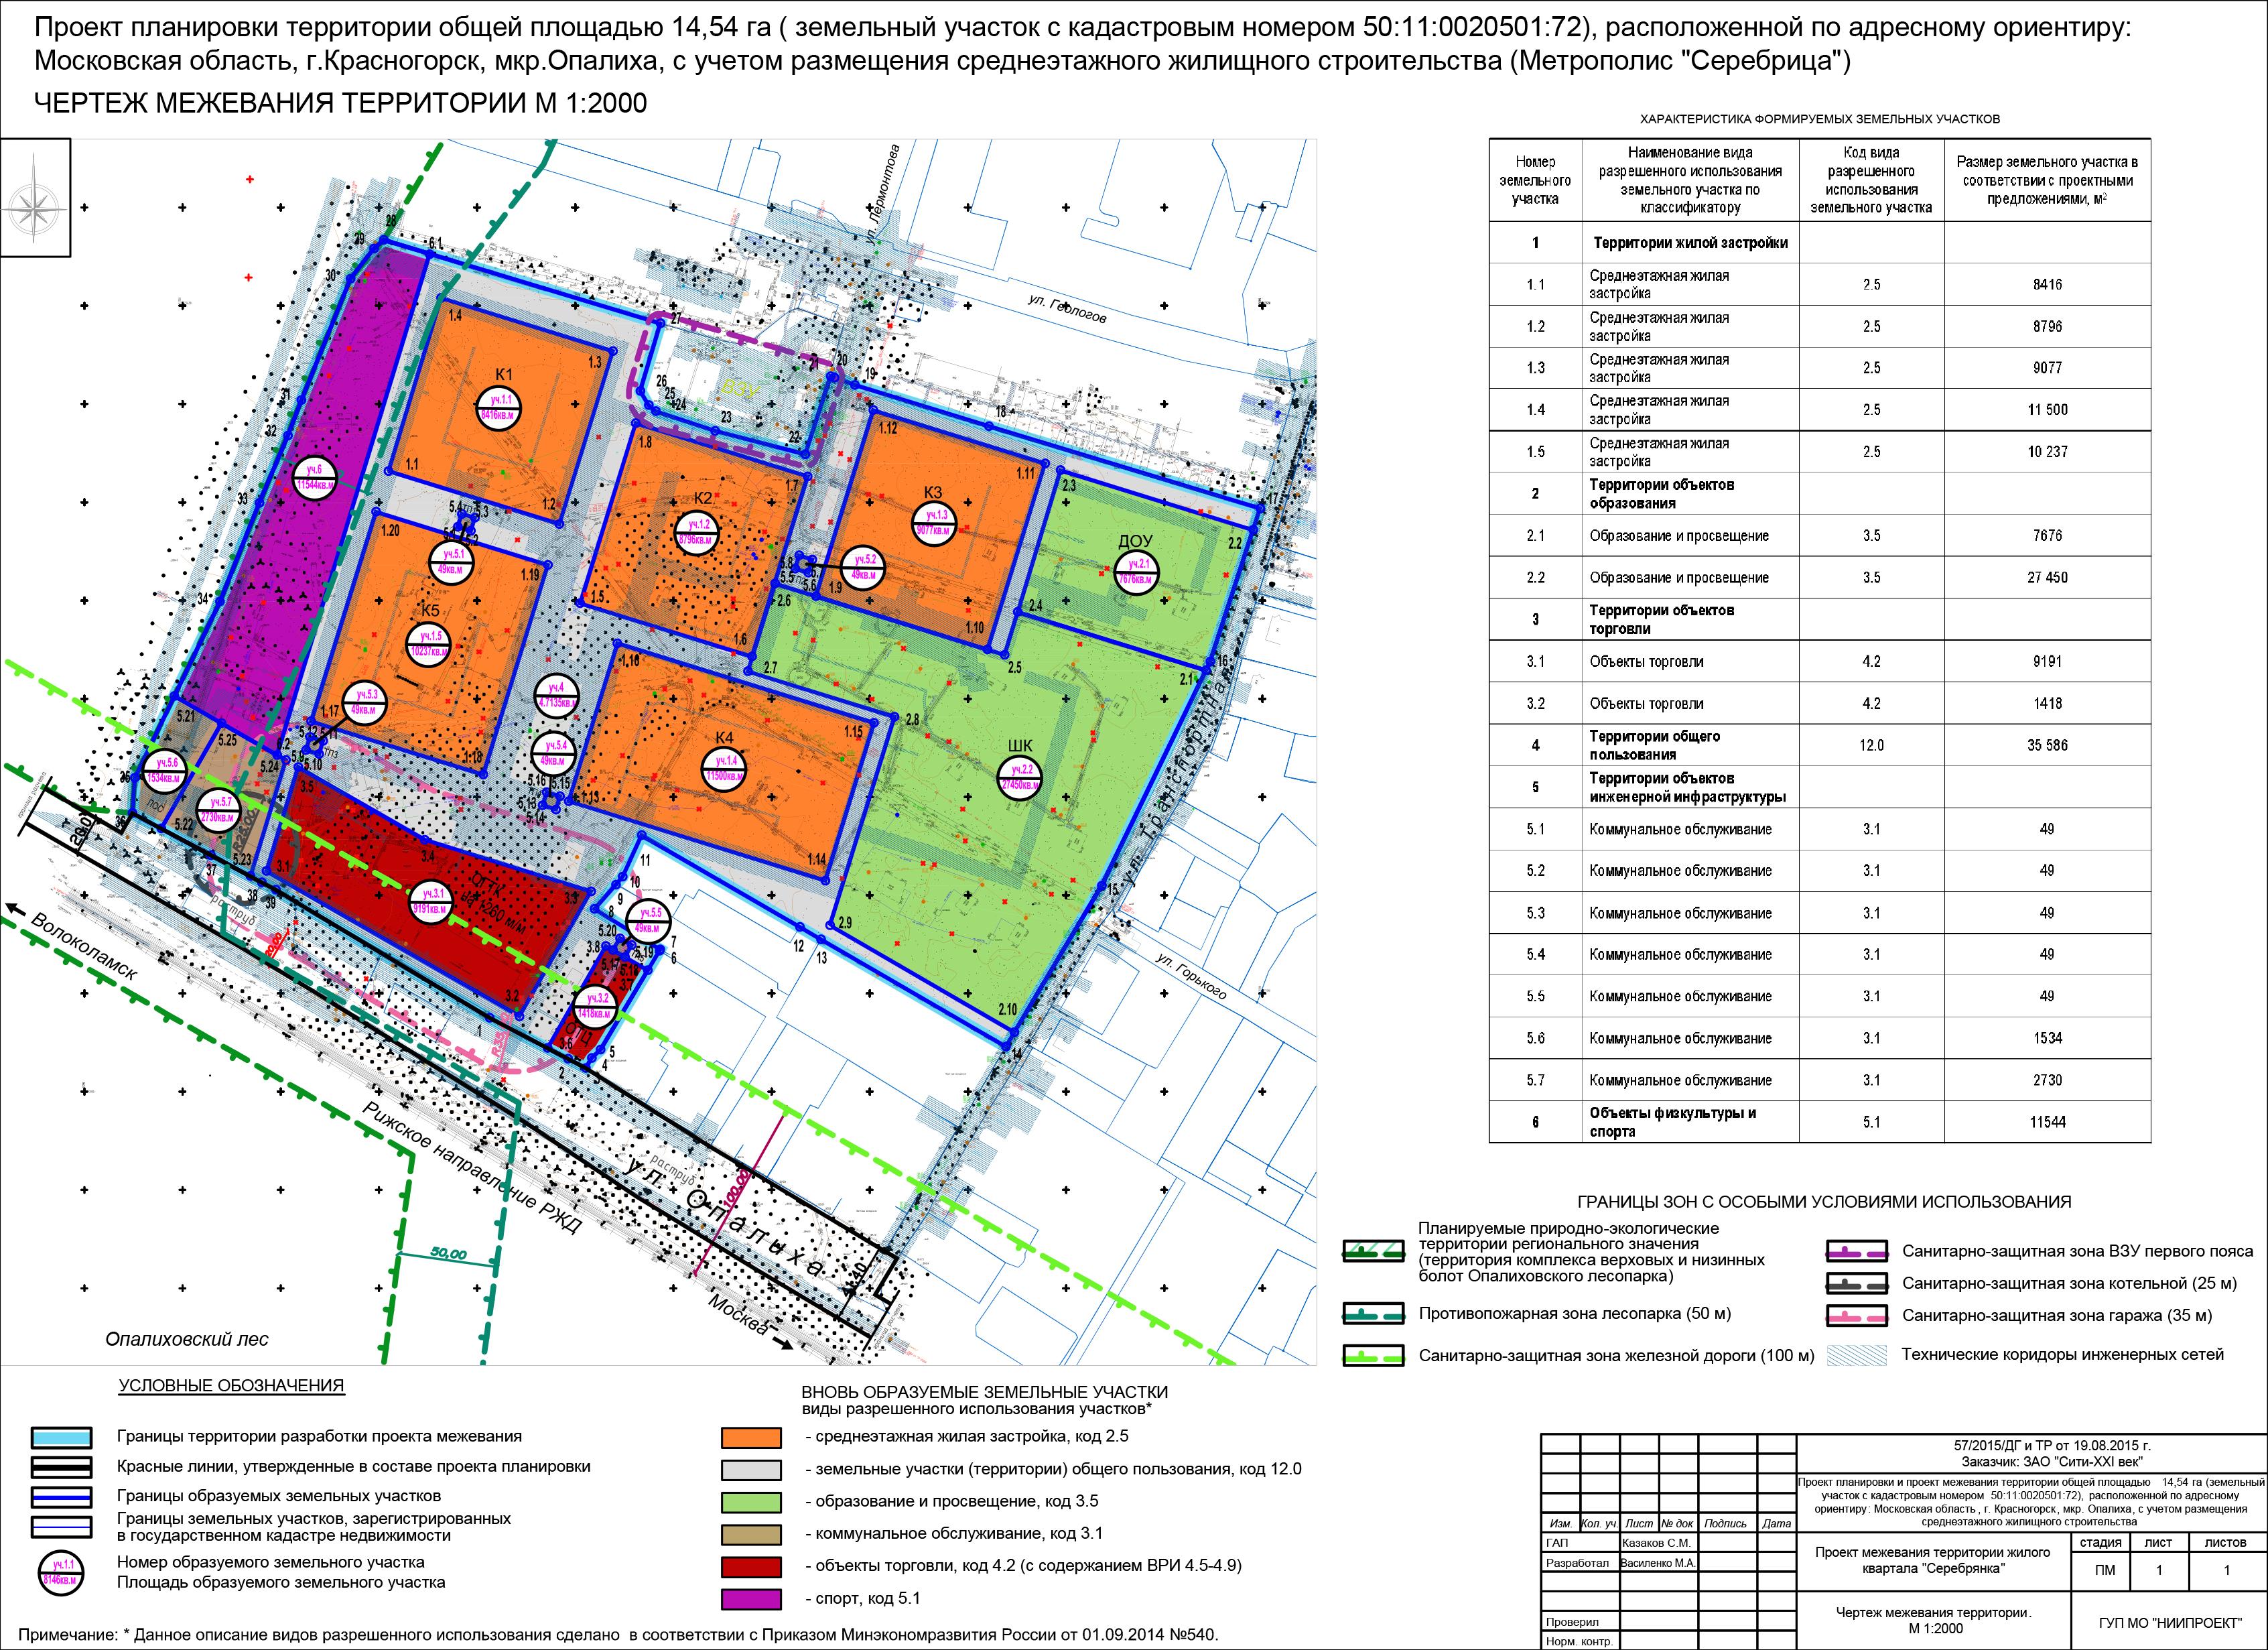 Проект планировки территории в рф: правовые особенности